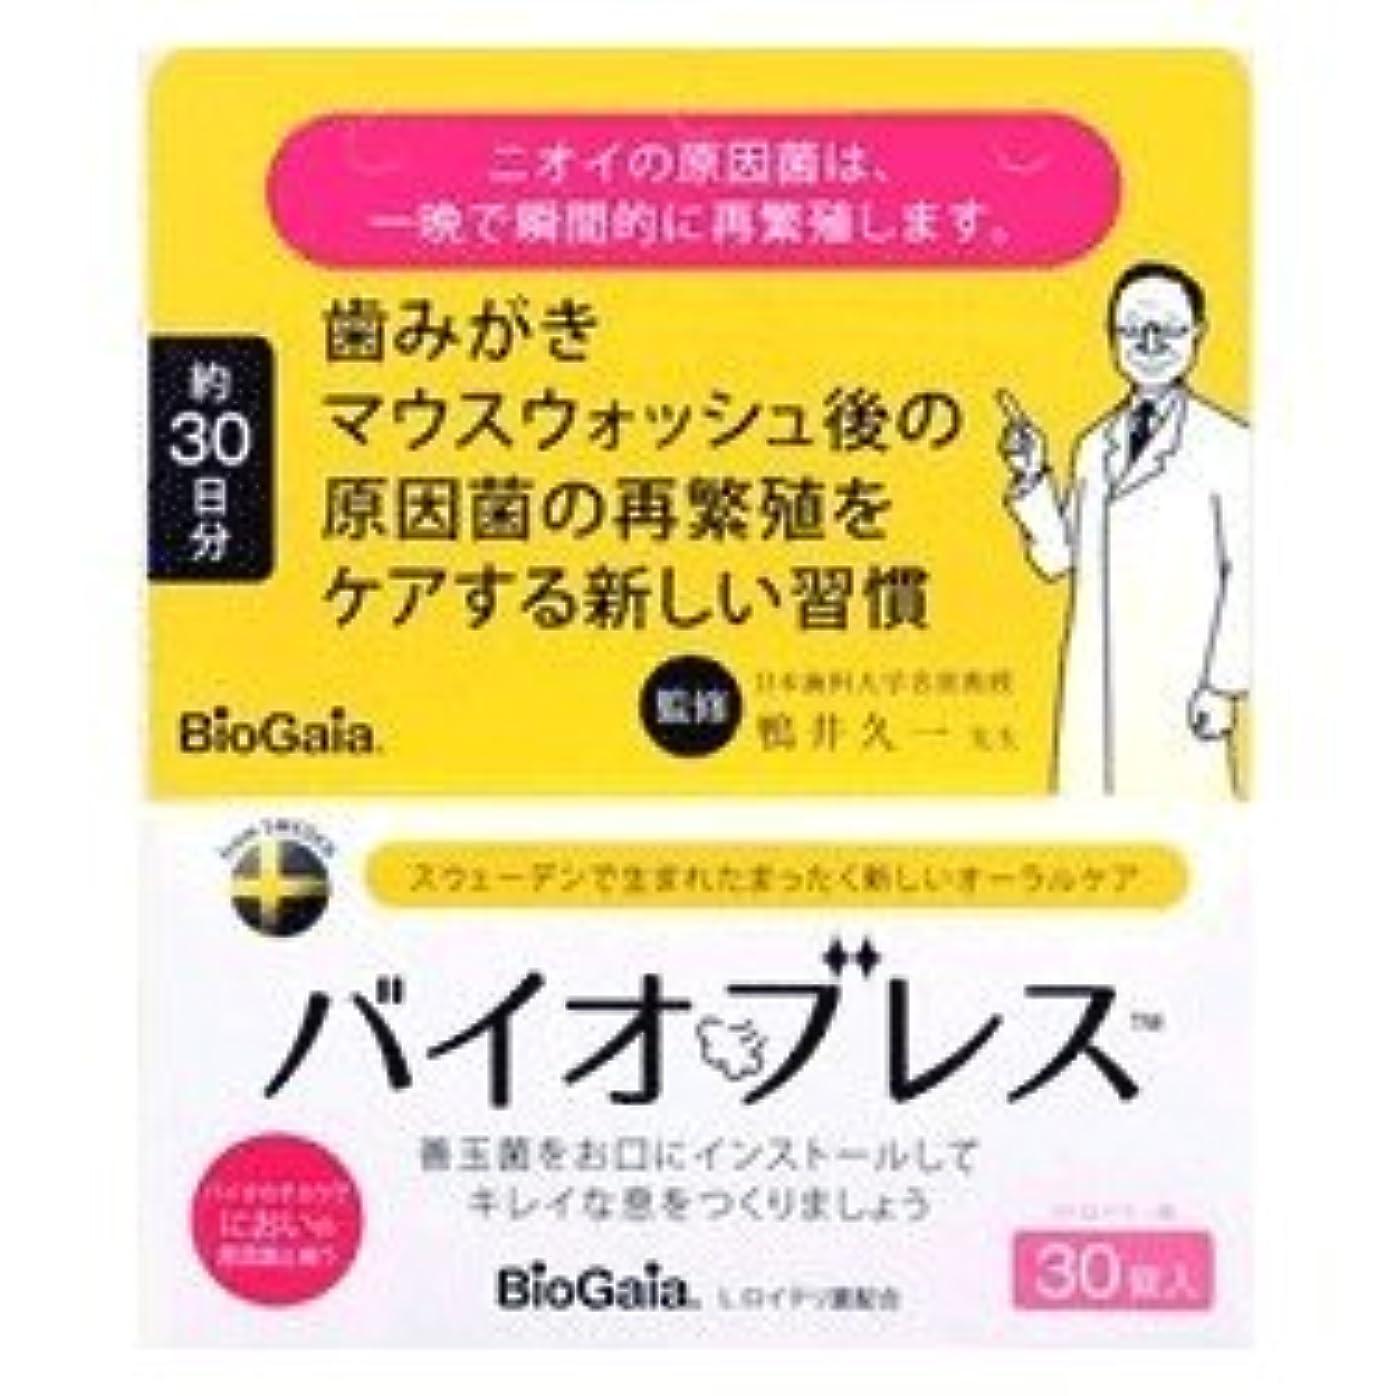 苛性期待愛人【セット品】バイオブレス 30錠入 (ストロベリー味)×10個